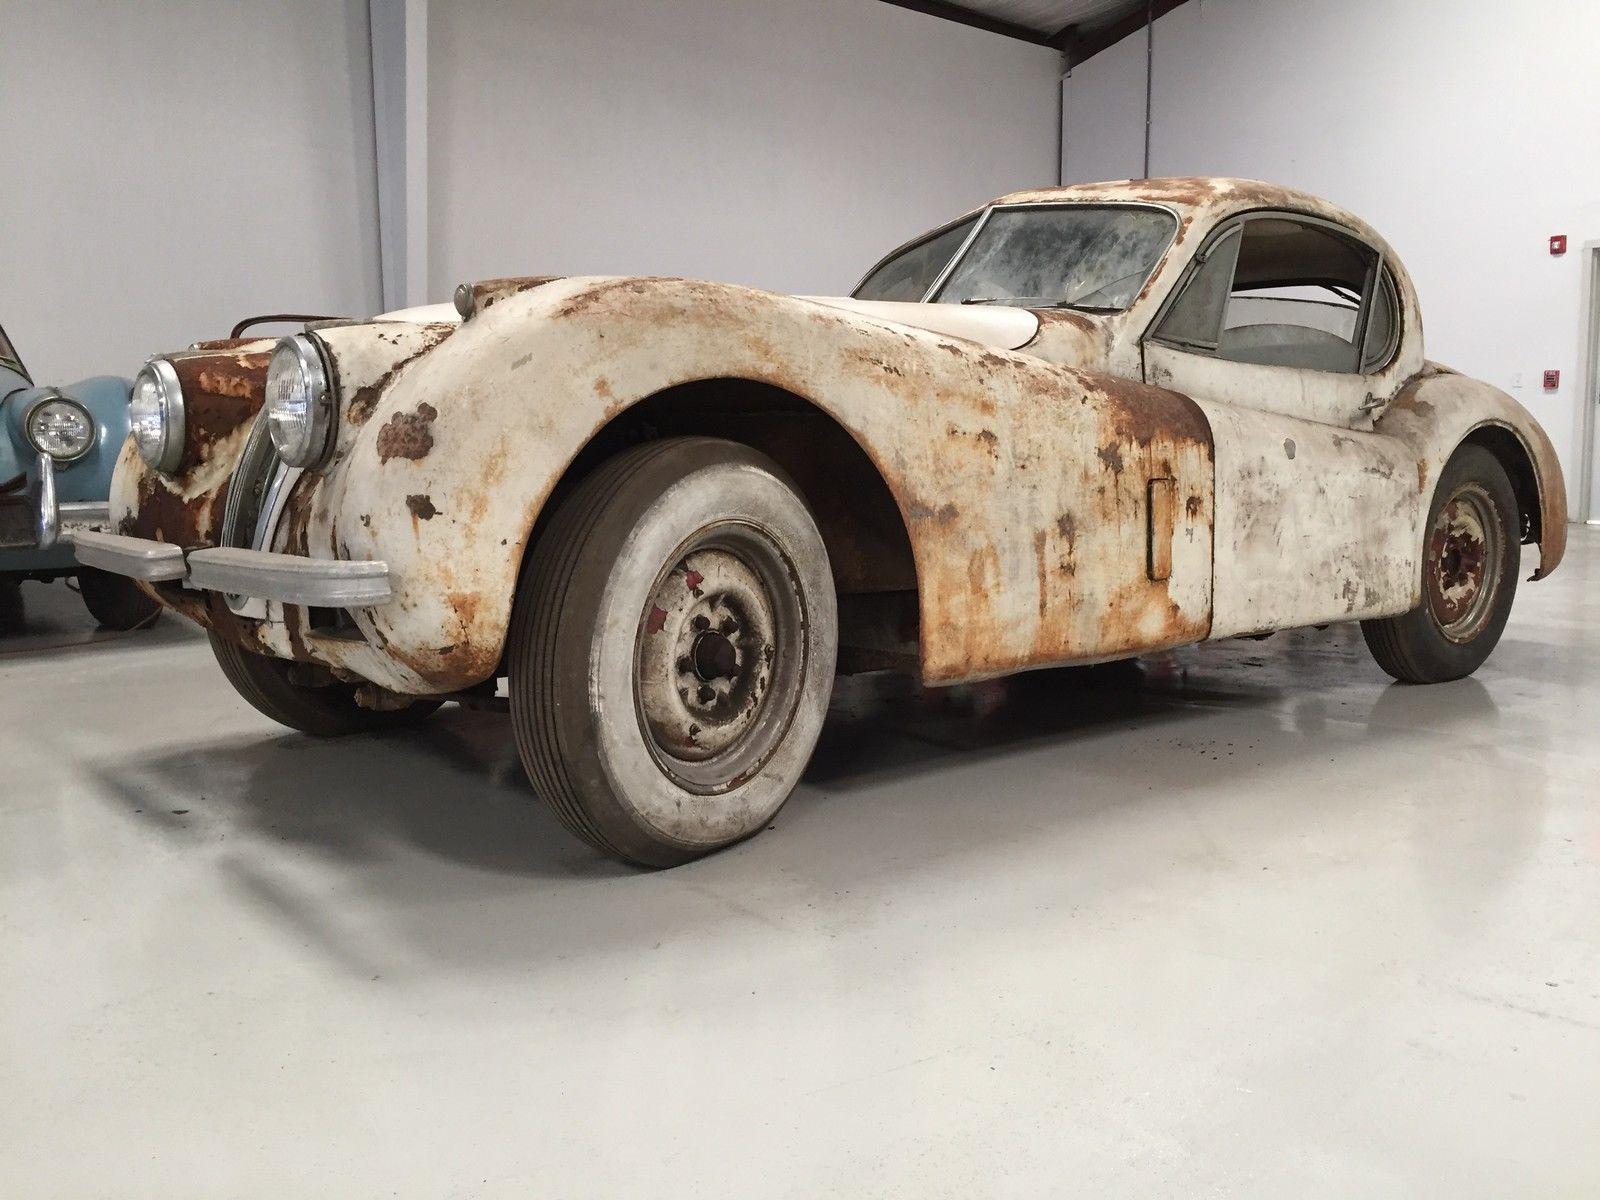 Classic British Jaguar Xk Restoration Project For Sale